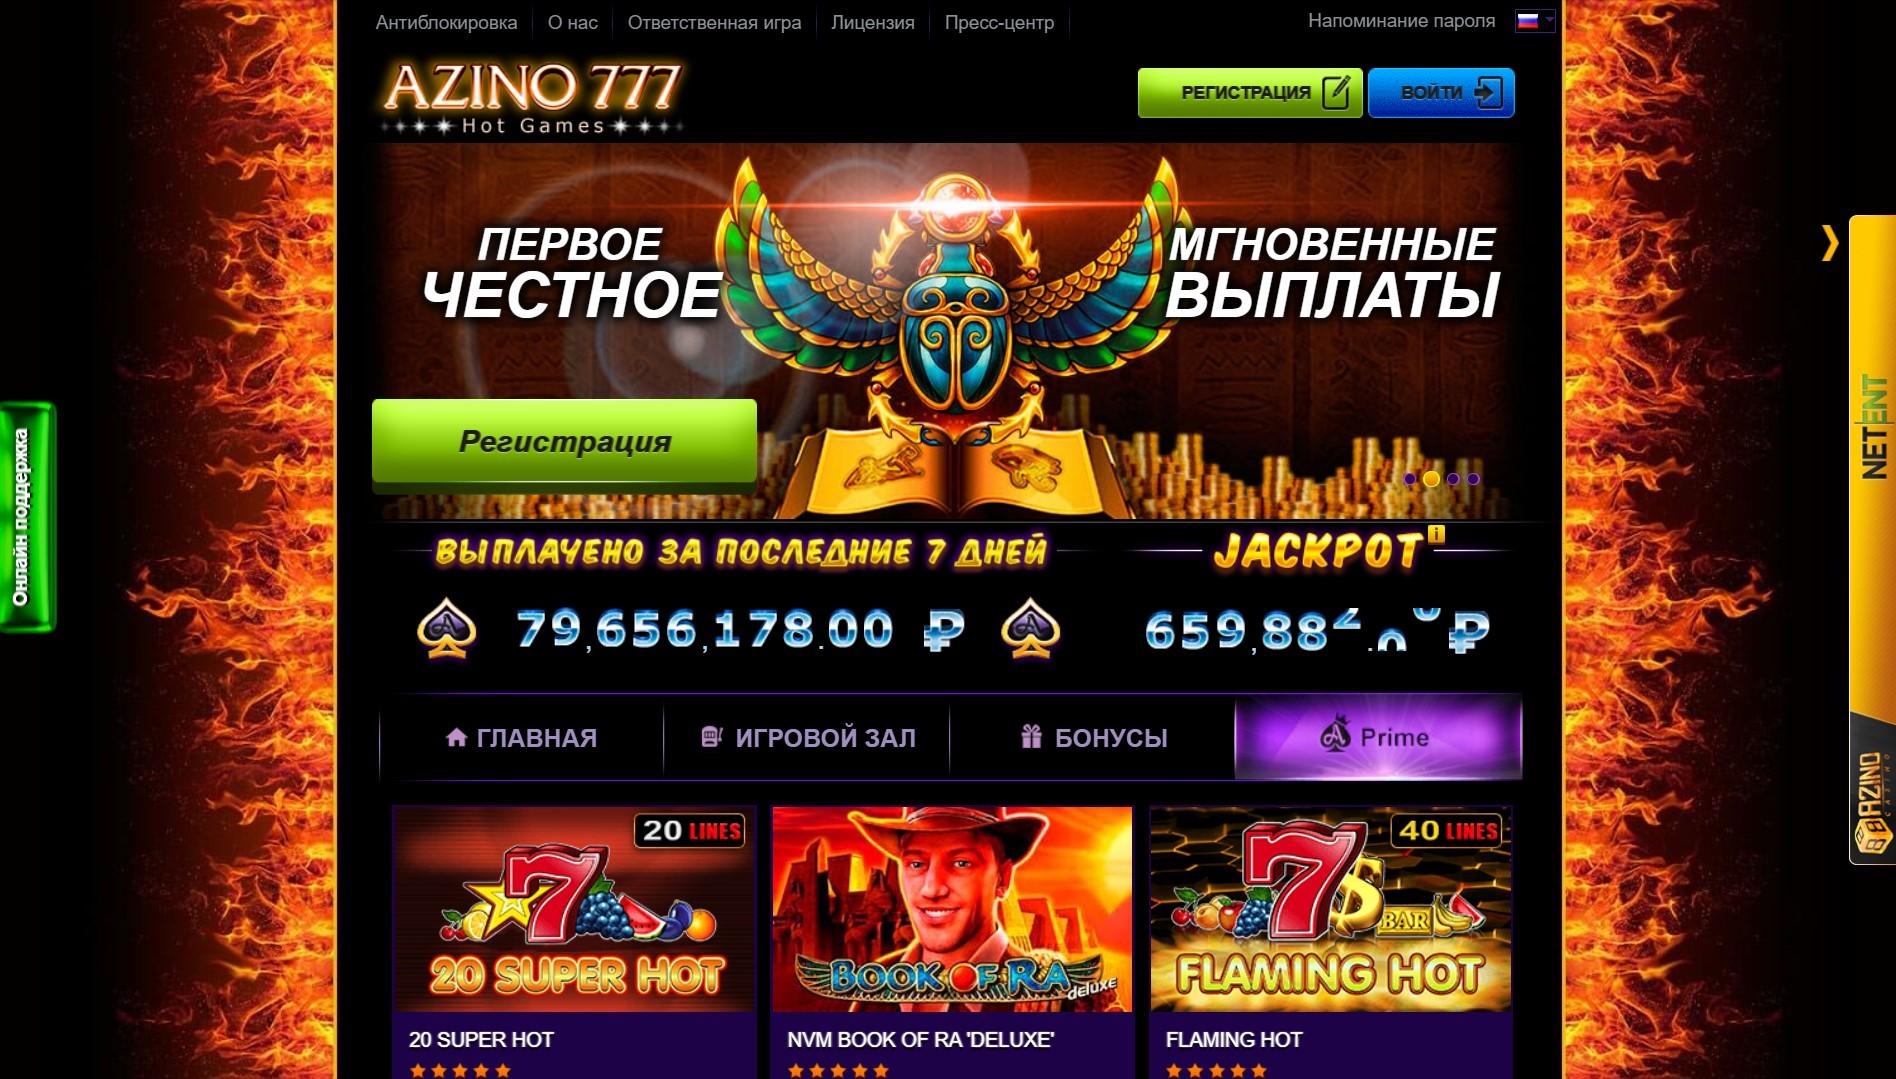 Live казино обман или нет играть на виртуальные слоты автоматы